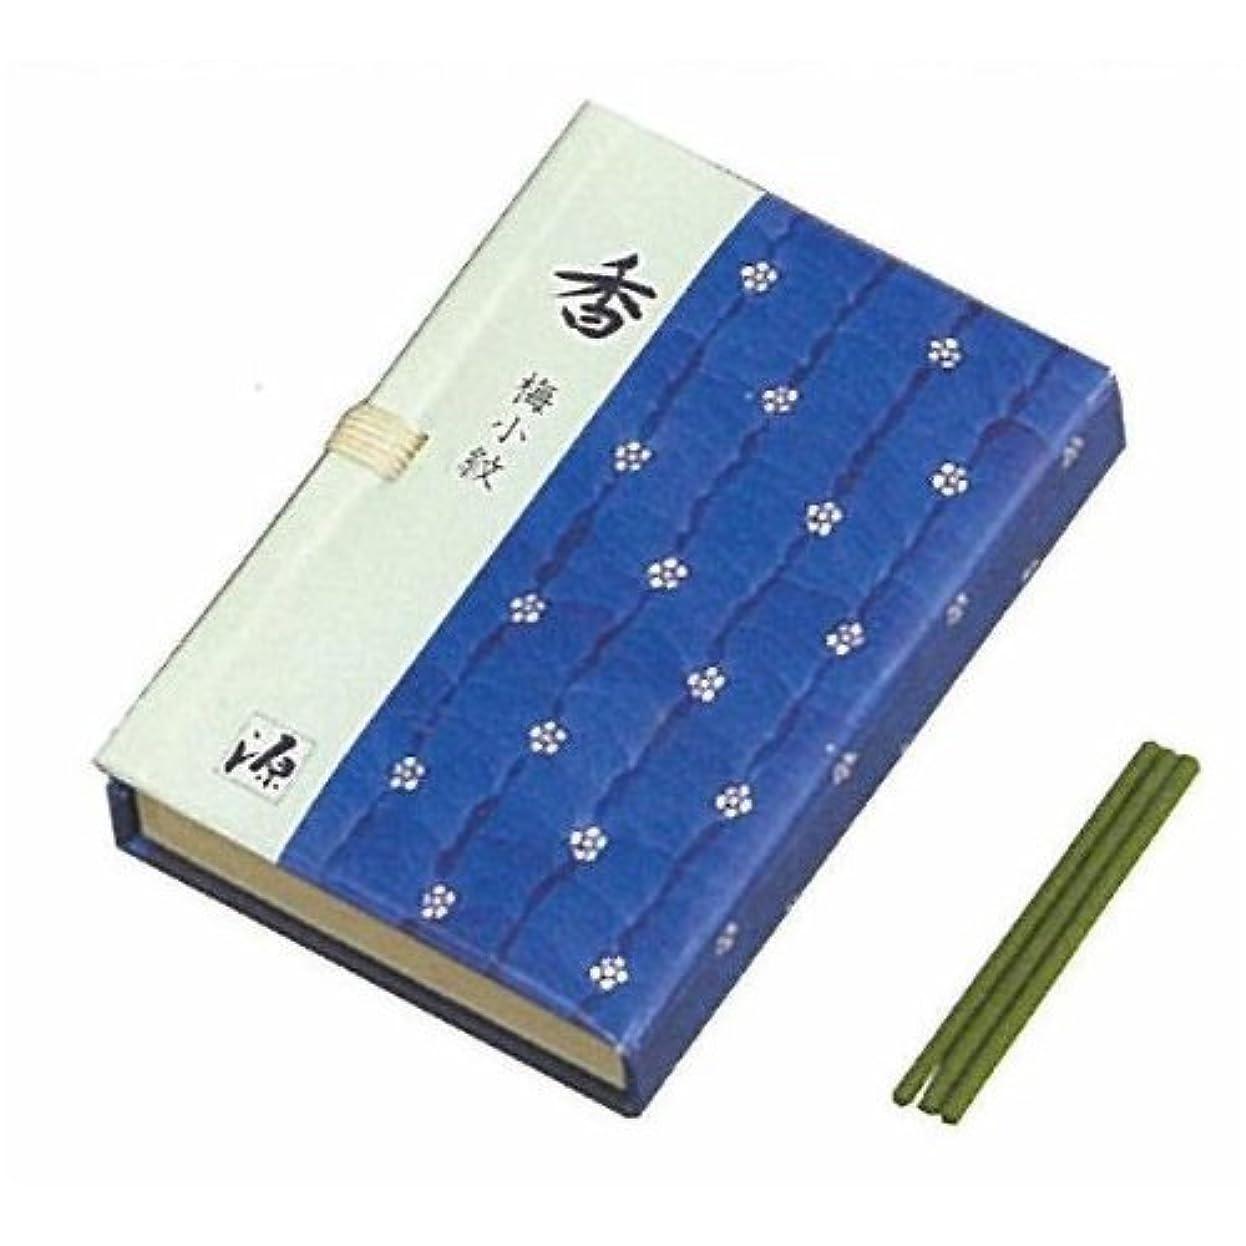 あえぎ部有名な香 梅小紋 スティック45本入